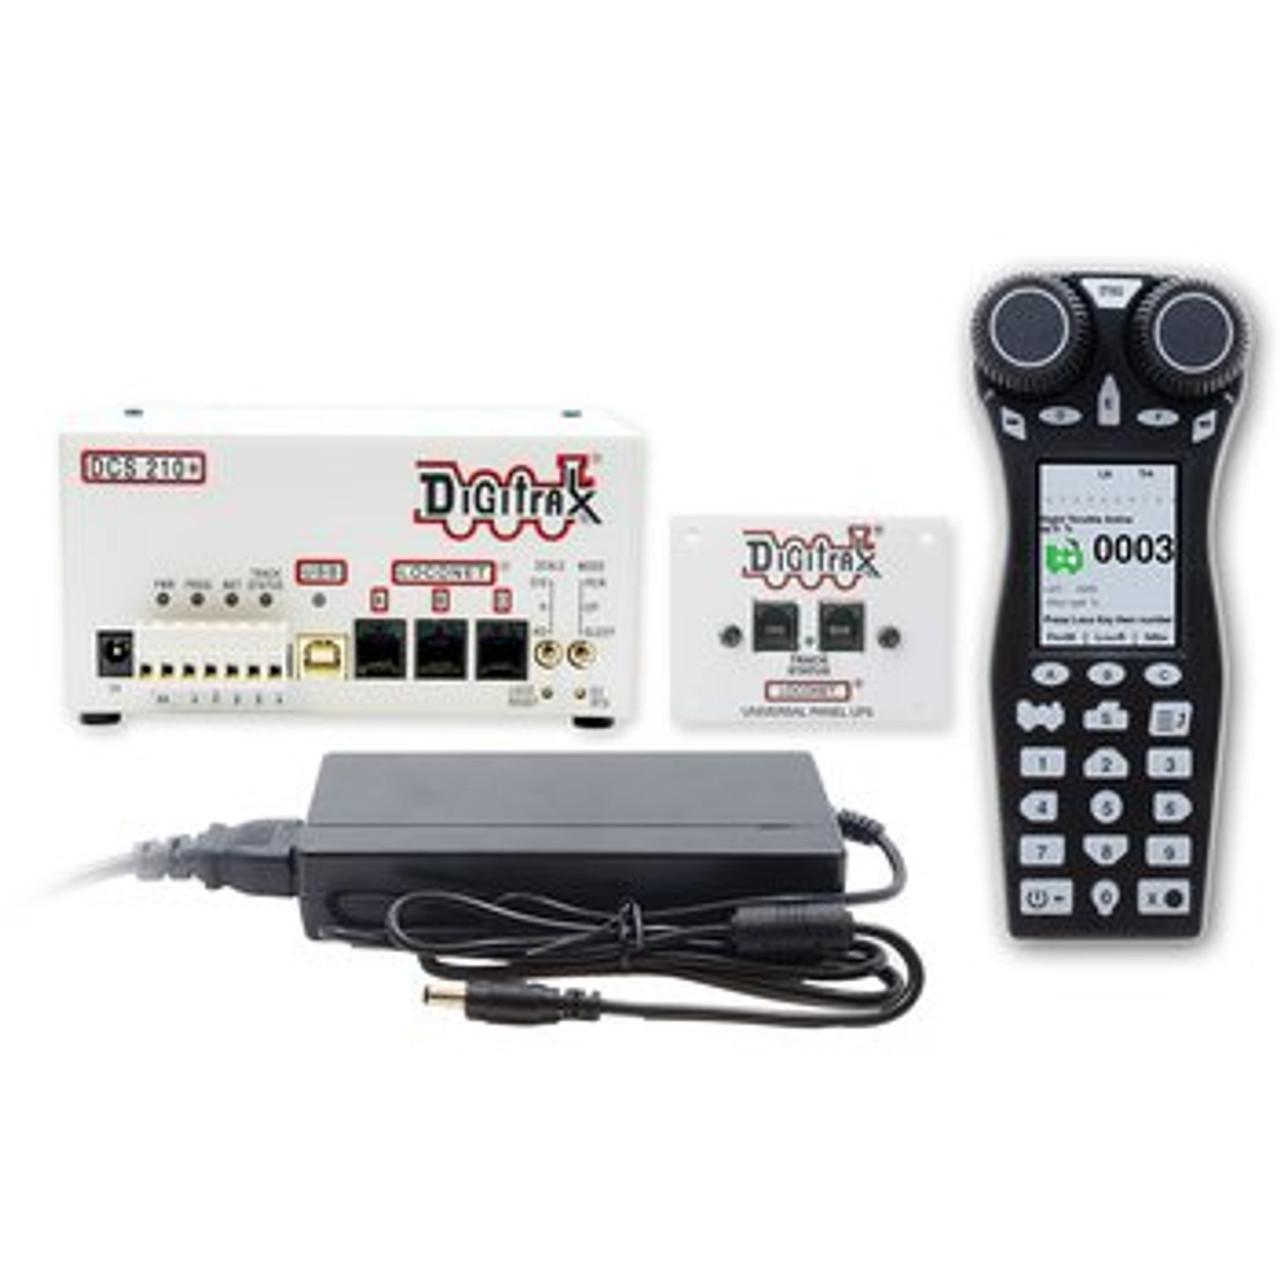 Digitrax 245-EVOX A/NZ Evolution Express Advanced 5A/8A Starter Set(Scale = ALL)  Part # 245-EVOX A/NZ